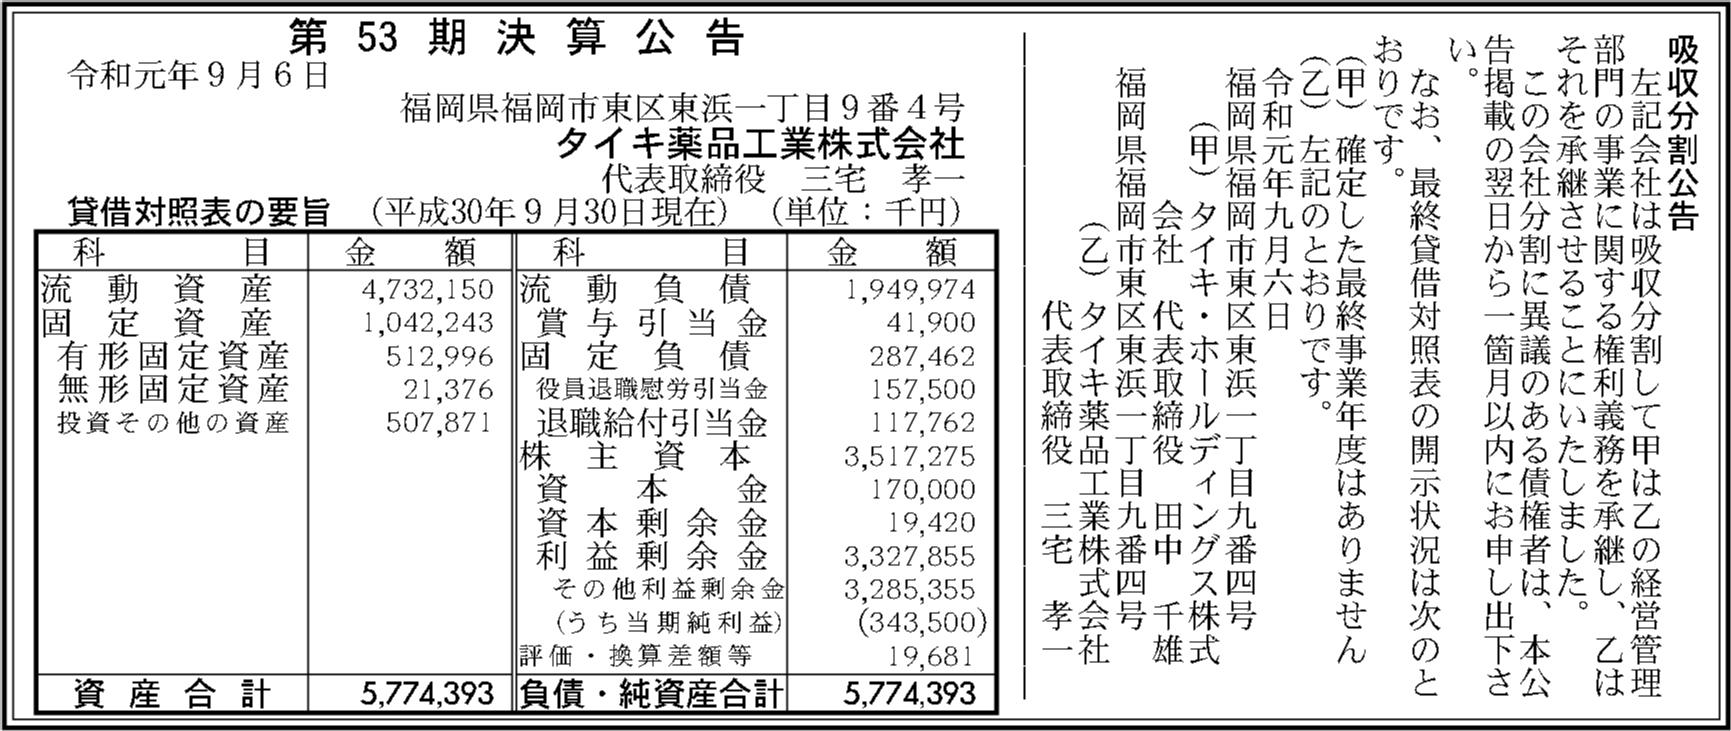 0095 7573fefefe0b55f801dc01fbe7f682062ba29906aefd8f5e50b9911b44f313ffc9c825e6107001aef9575fce9862318af713a21f8d9952334b9e4e7f1bb39af5 06